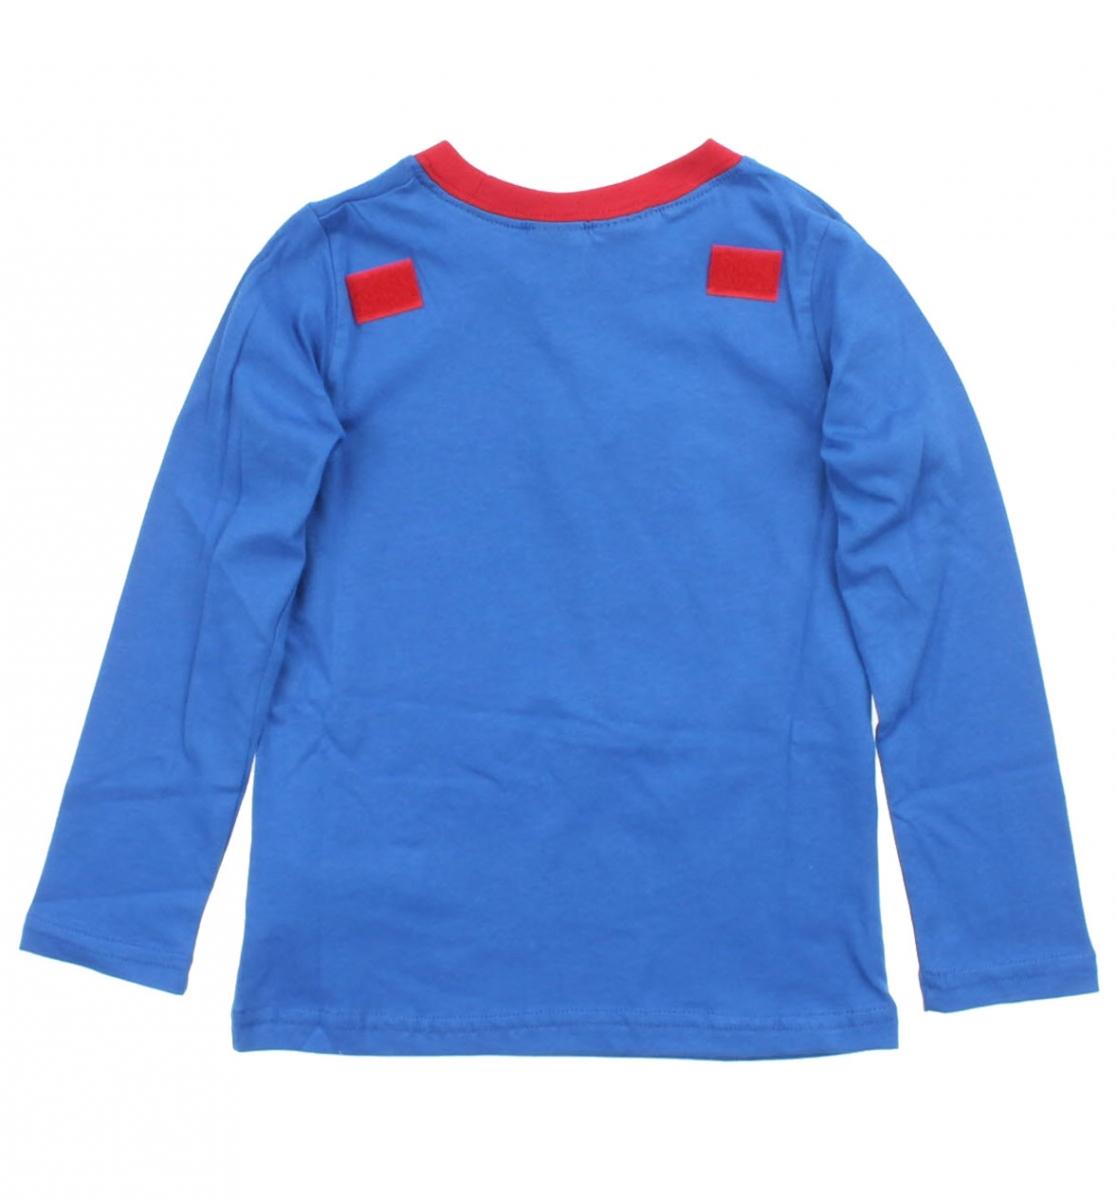 Erkek Çocuk Süpermen Pijama Takım 019-4550-015